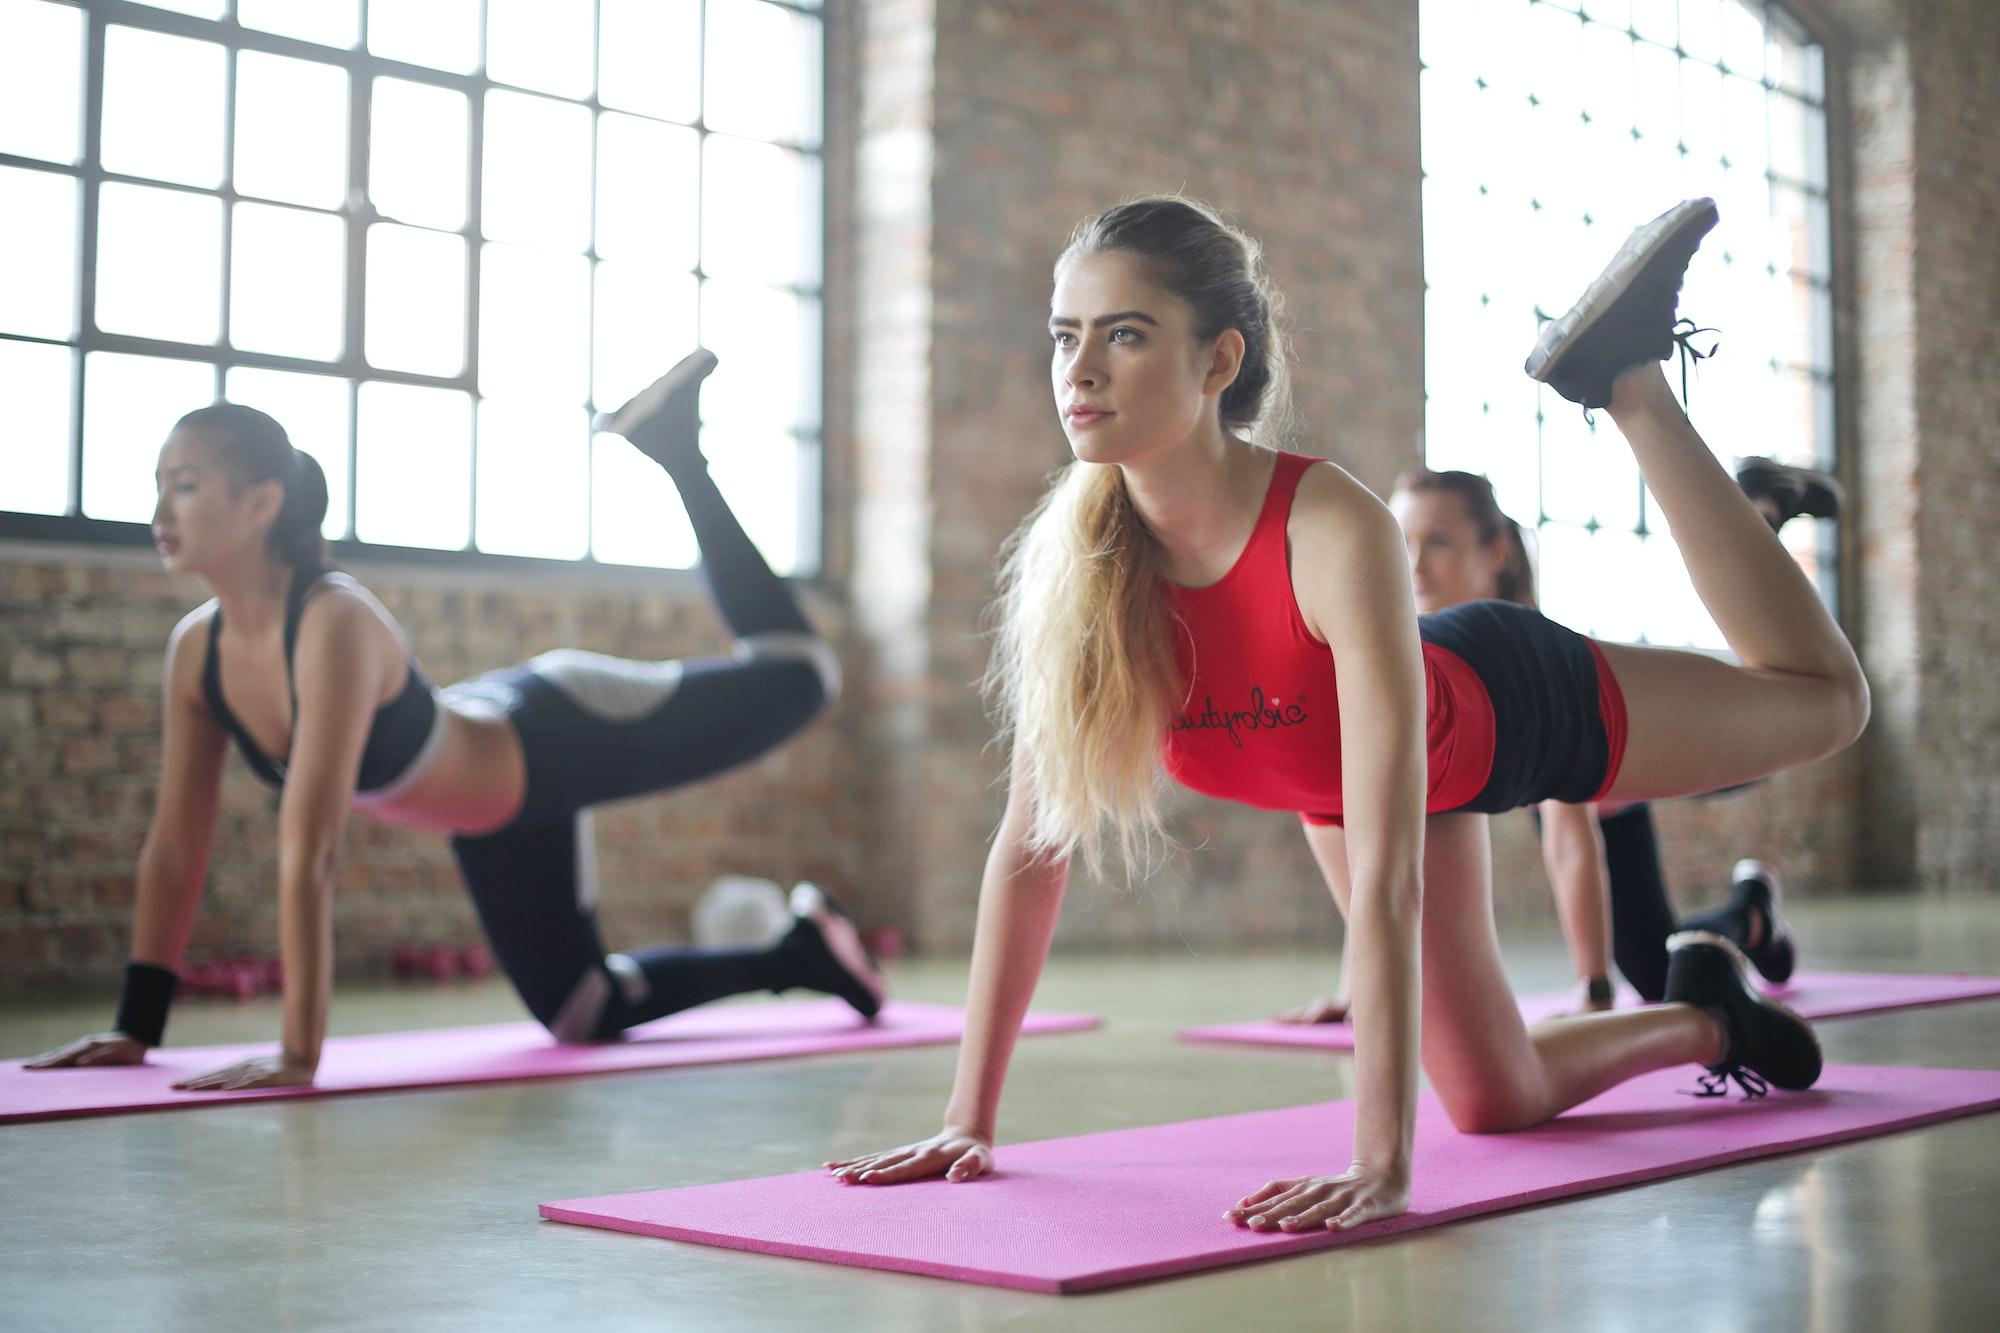 🚴🏻 Importanța Sportului Pentru o Viață Sănătoasă